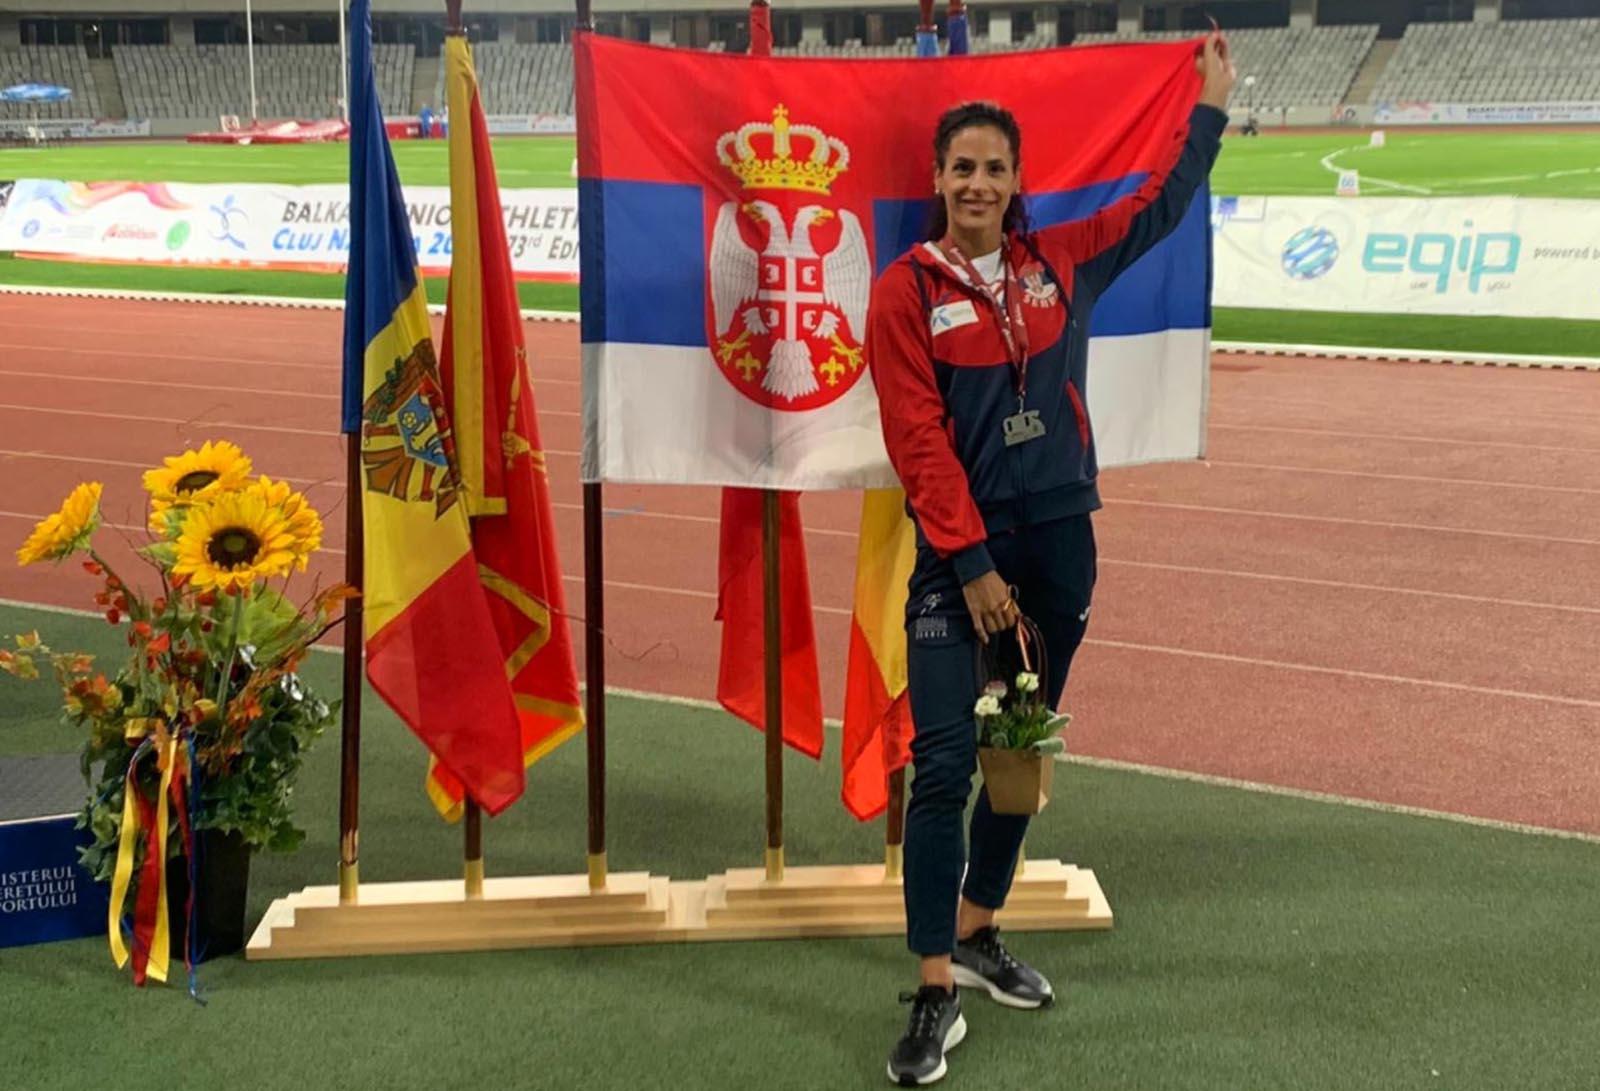 Atletika: Milana Tirnanić se sprema da obori rekord Ivane Španović